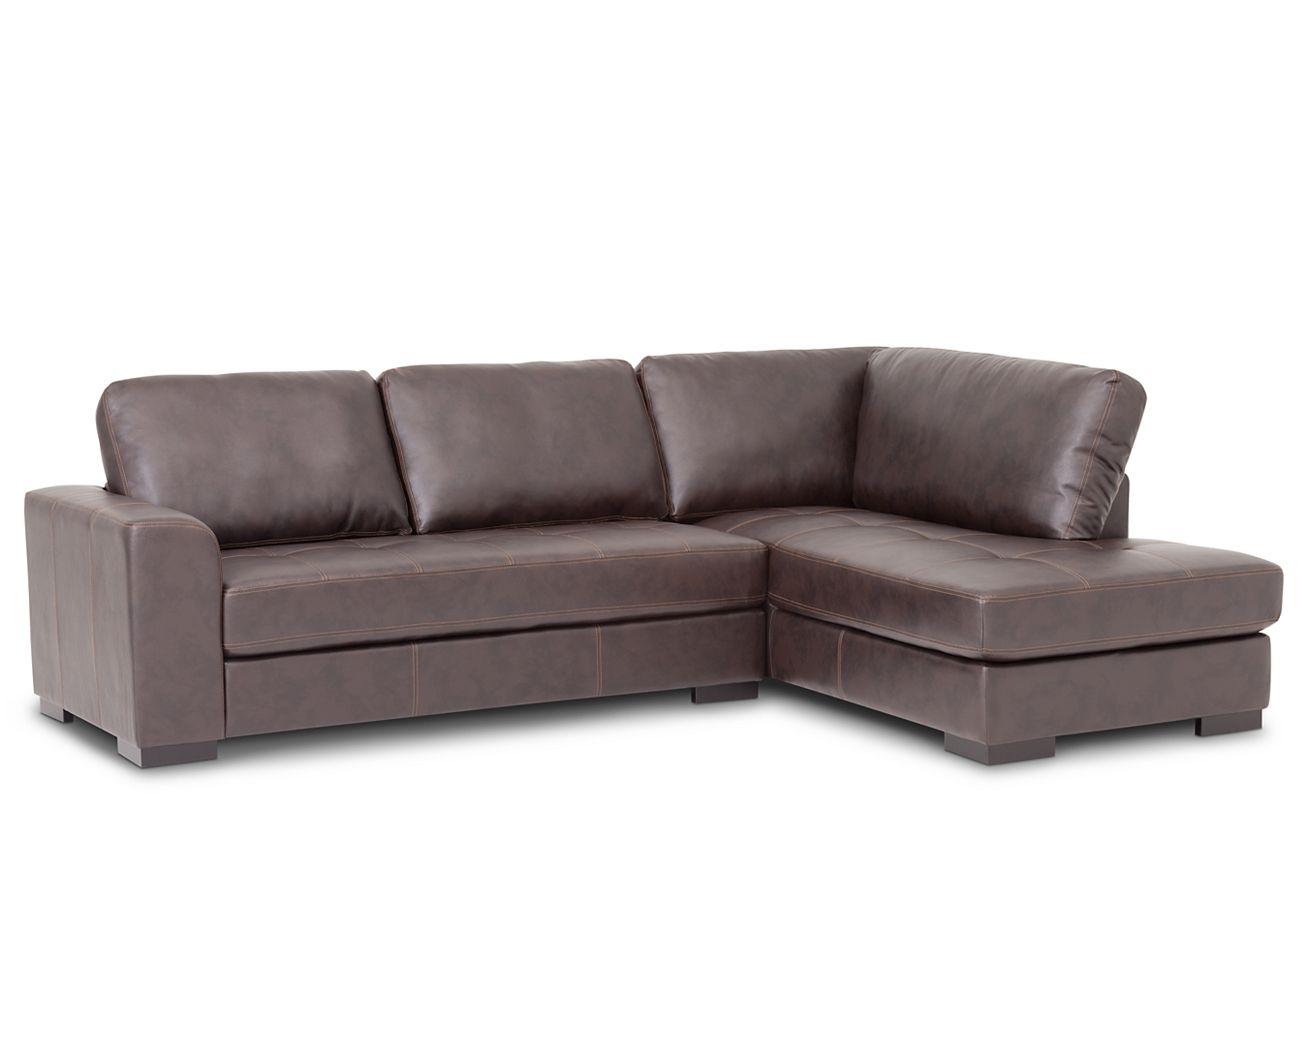 Sofa Mart Leather Furniture Refil Sofa